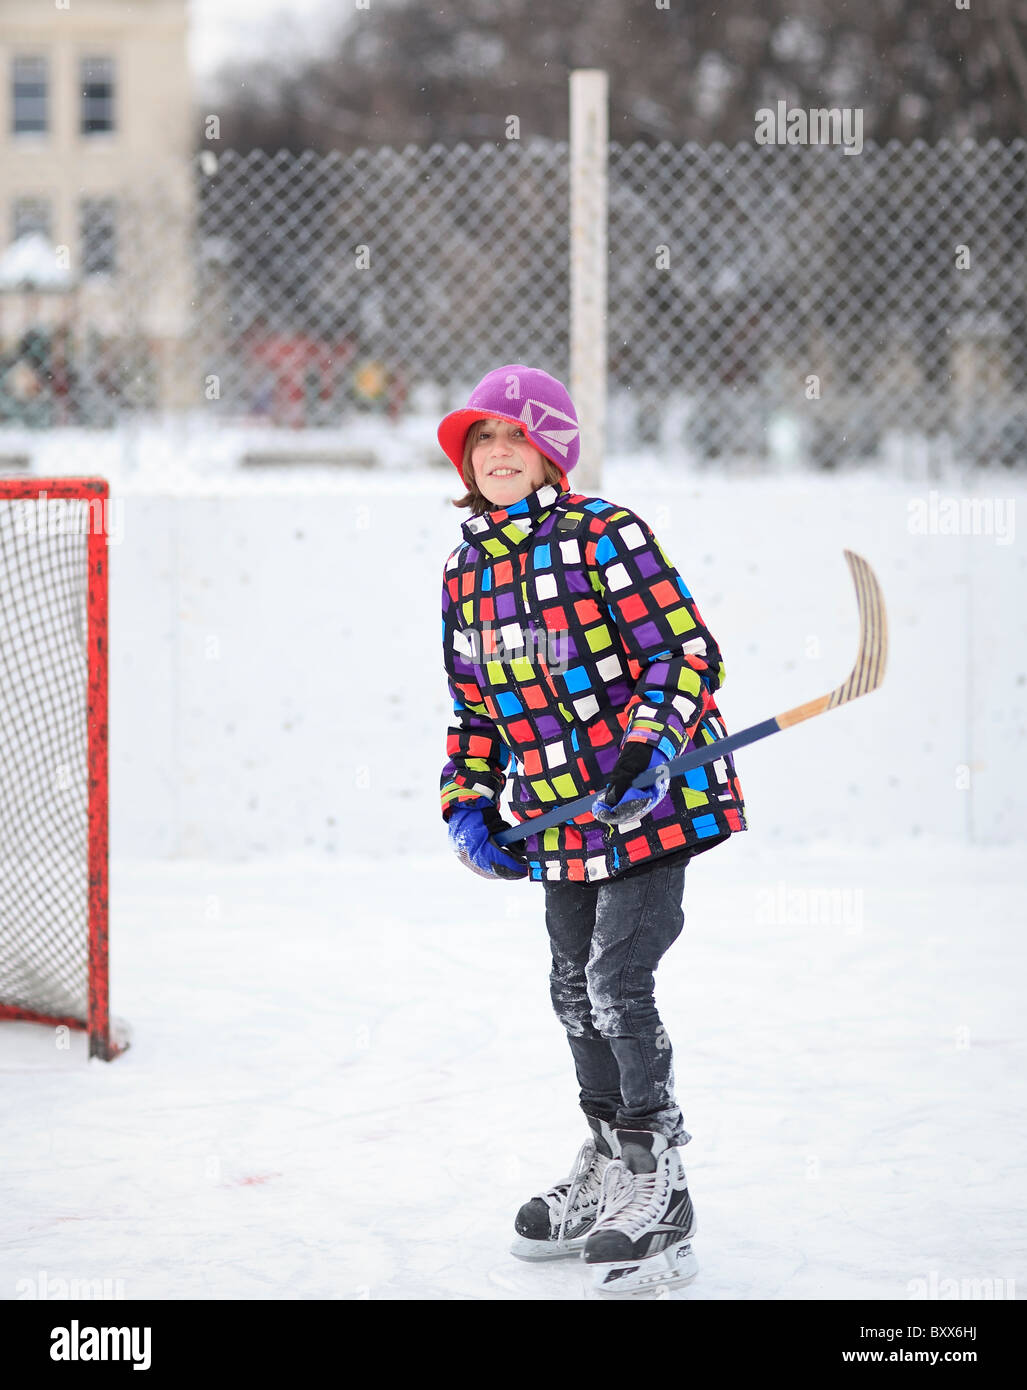 Joven jugador de hockey sobre hielo en una pista de patinaje al aire libre. Winnipeg, Manitoba, Canadá. Imagen De Stock